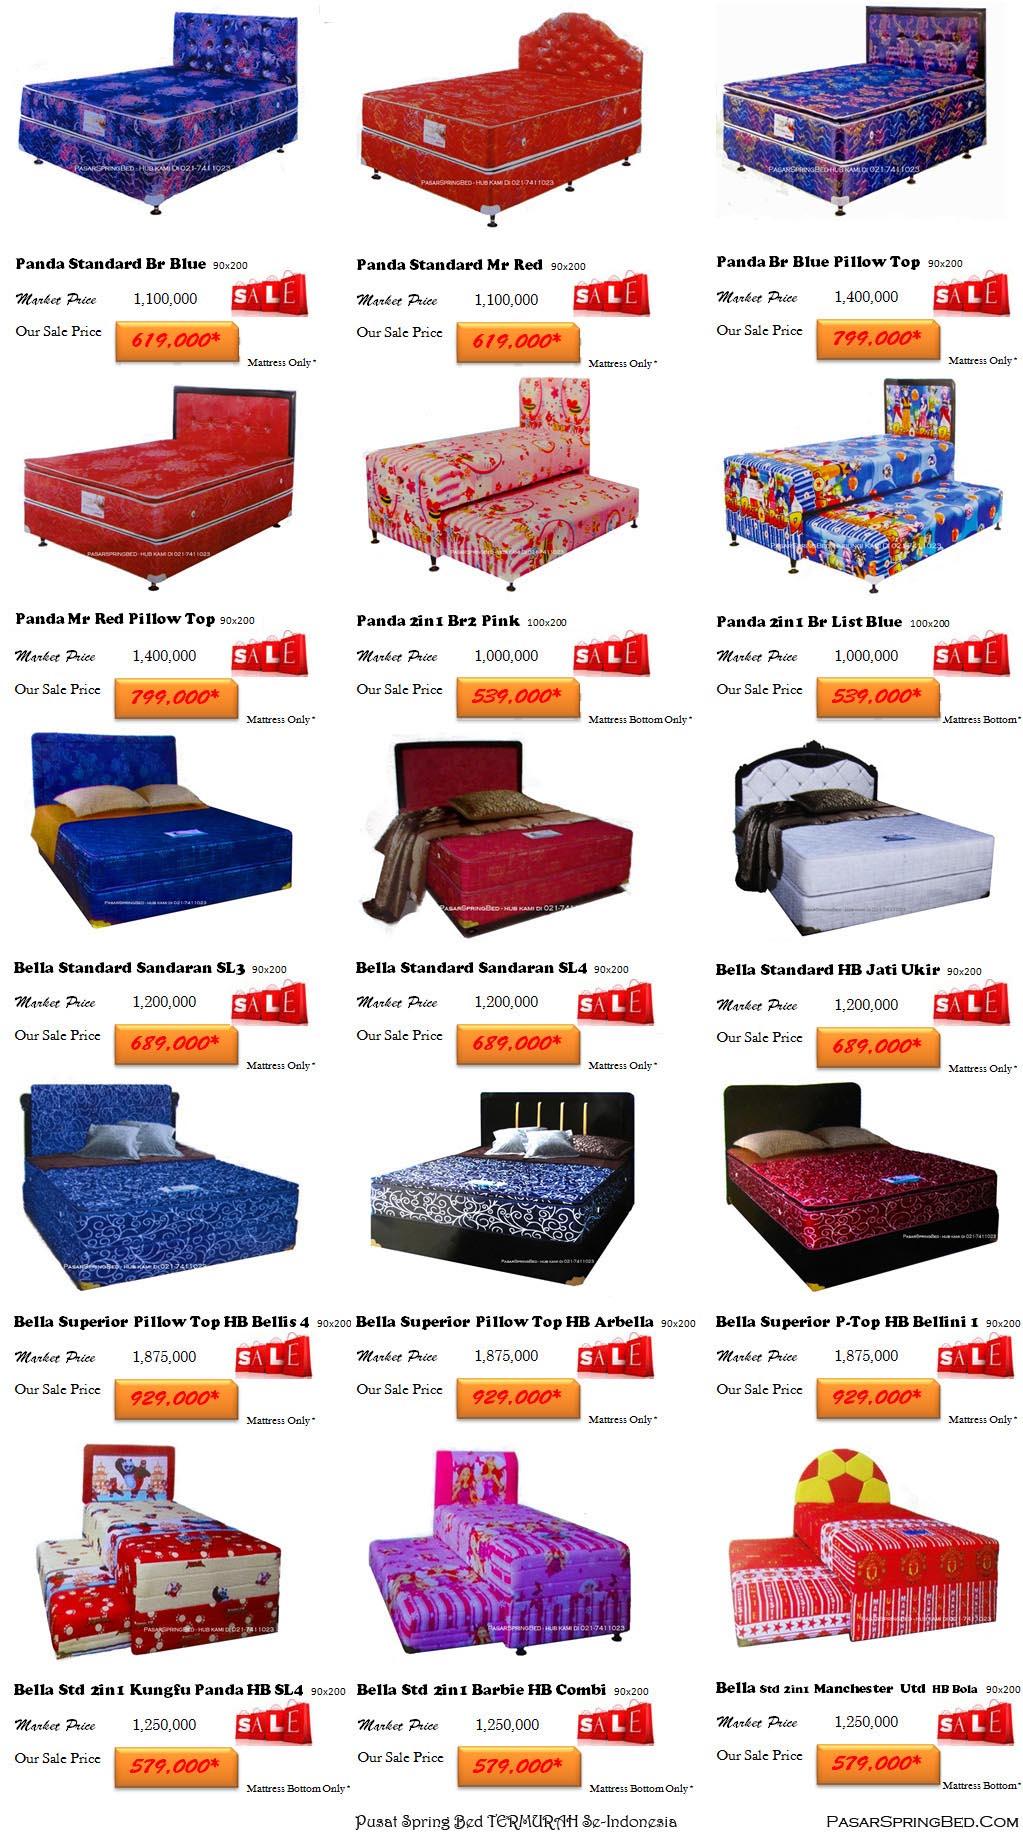 harga tempat tidur panda